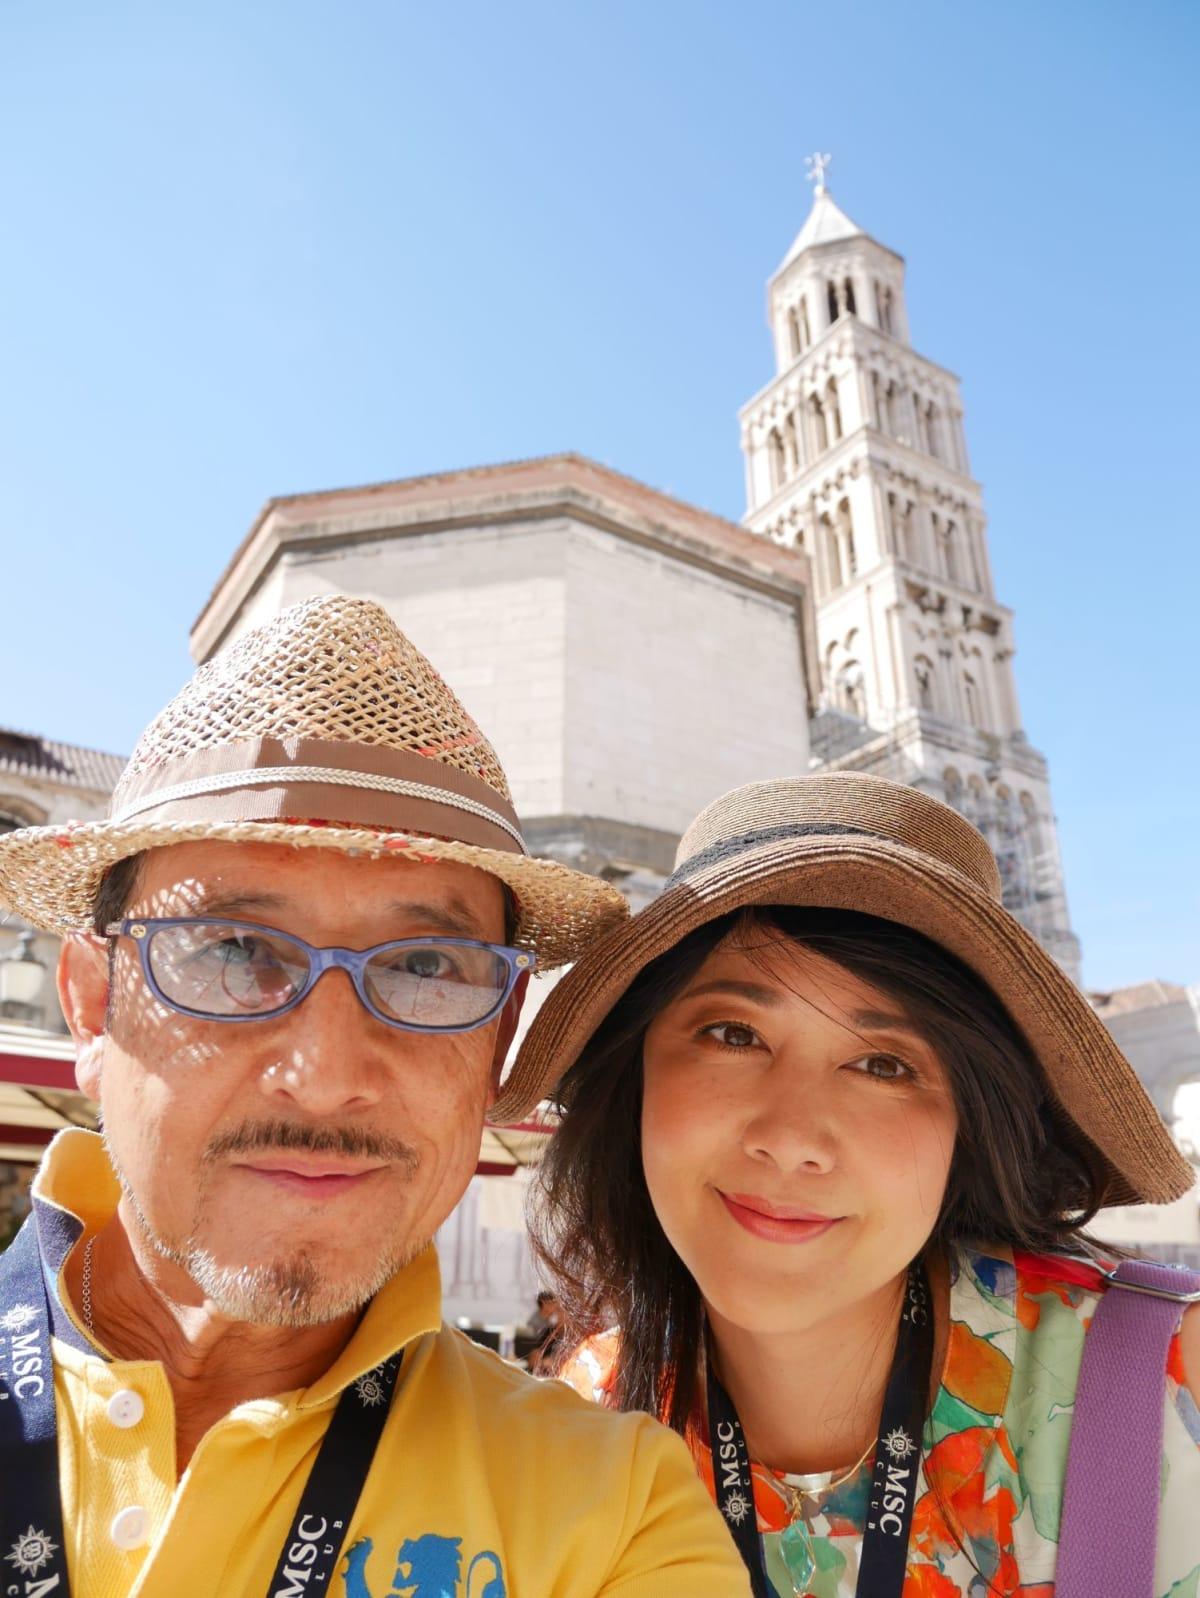 聖ドムニウス大聖堂の鐘楼をバックに | スプリト